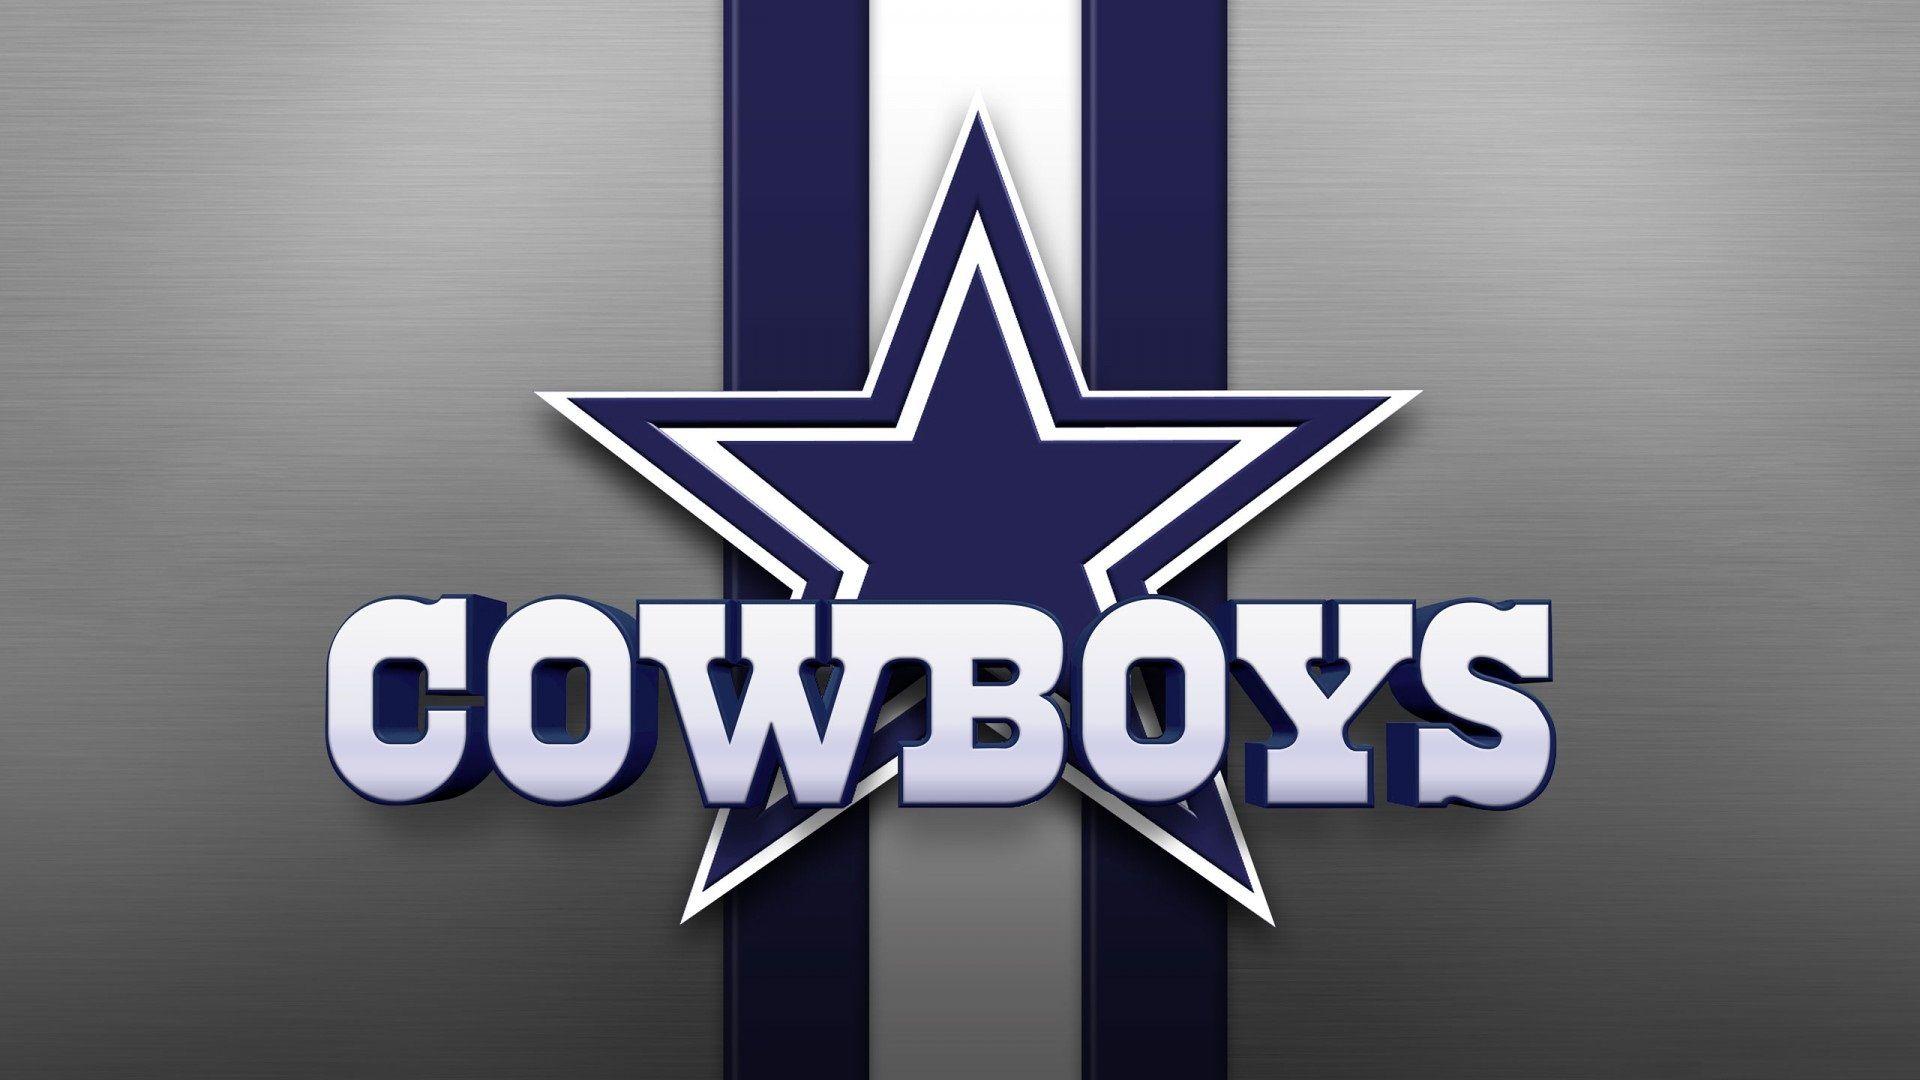 HD Cowboys Wallpaper 2020 Live Wallpaper HD Dallas cowboys 1920x1080